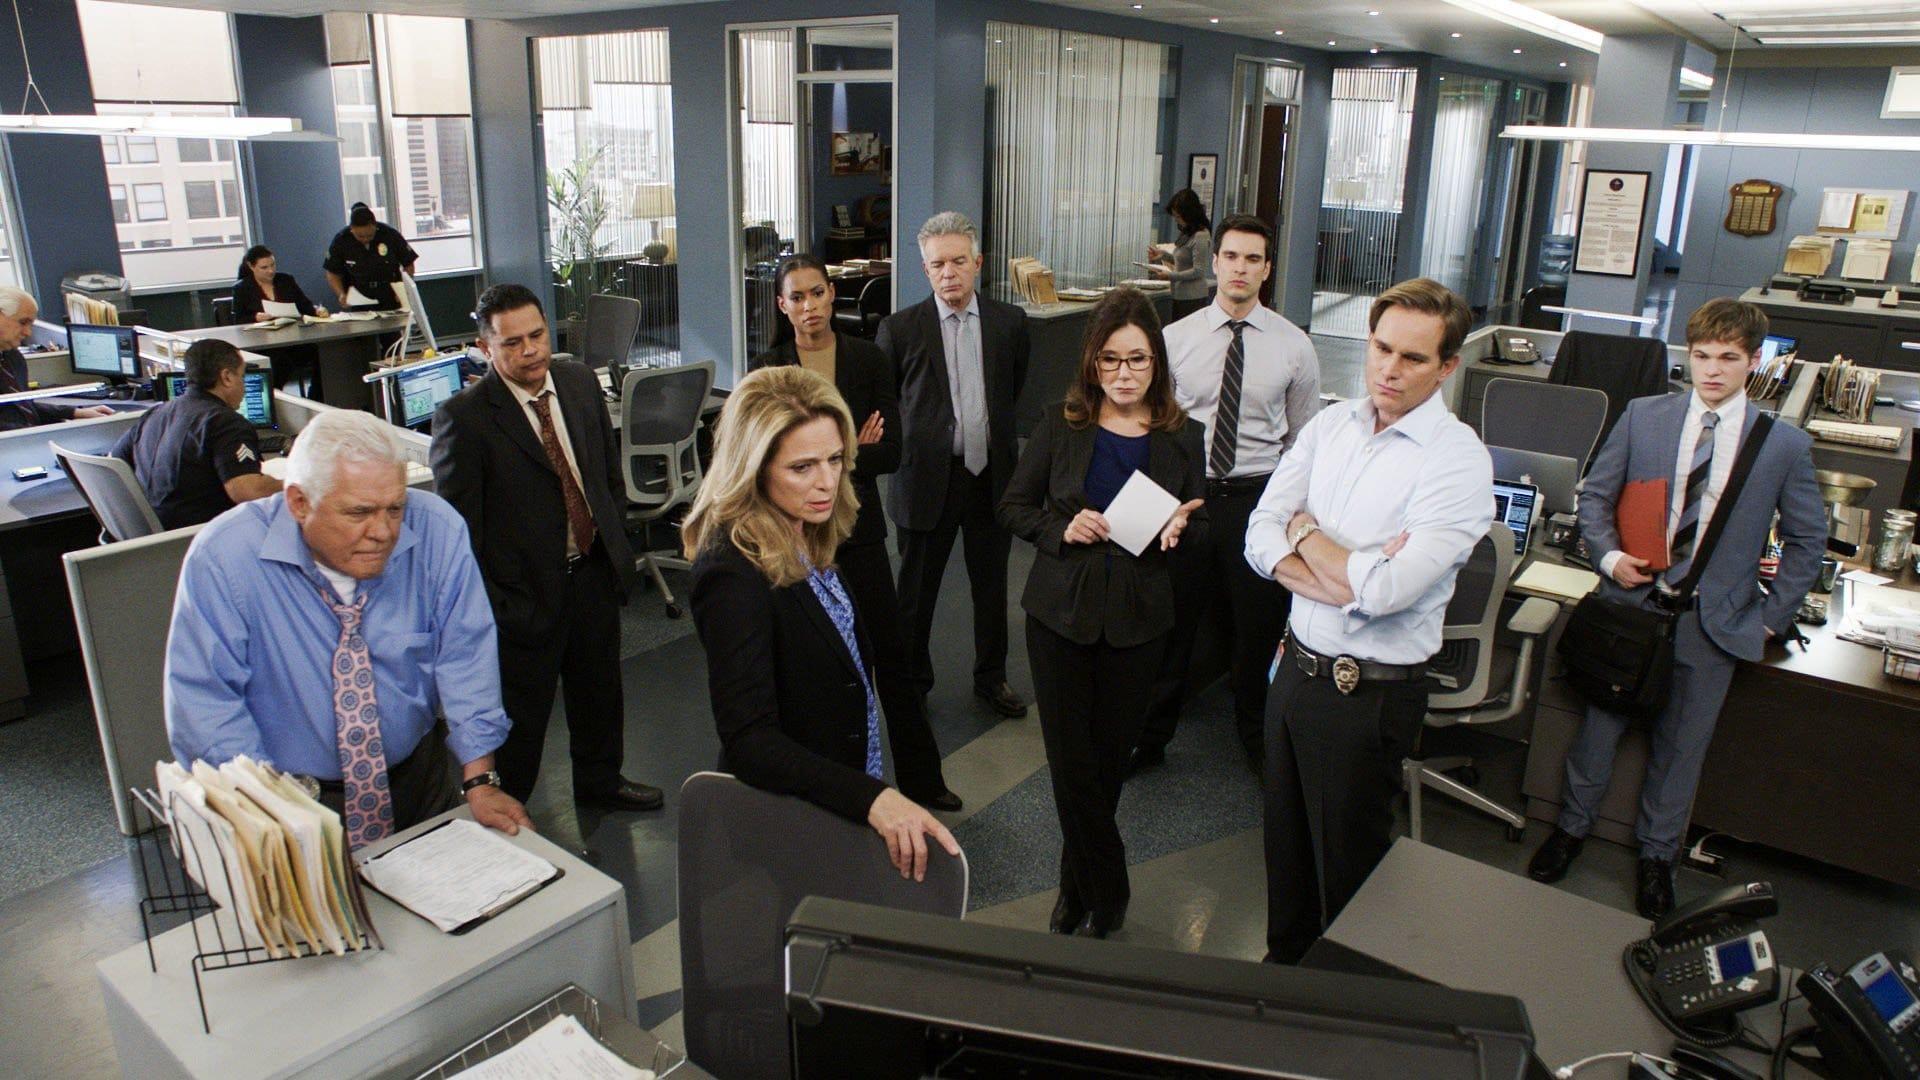 MAJOR CRIMES saison 5 image série télé